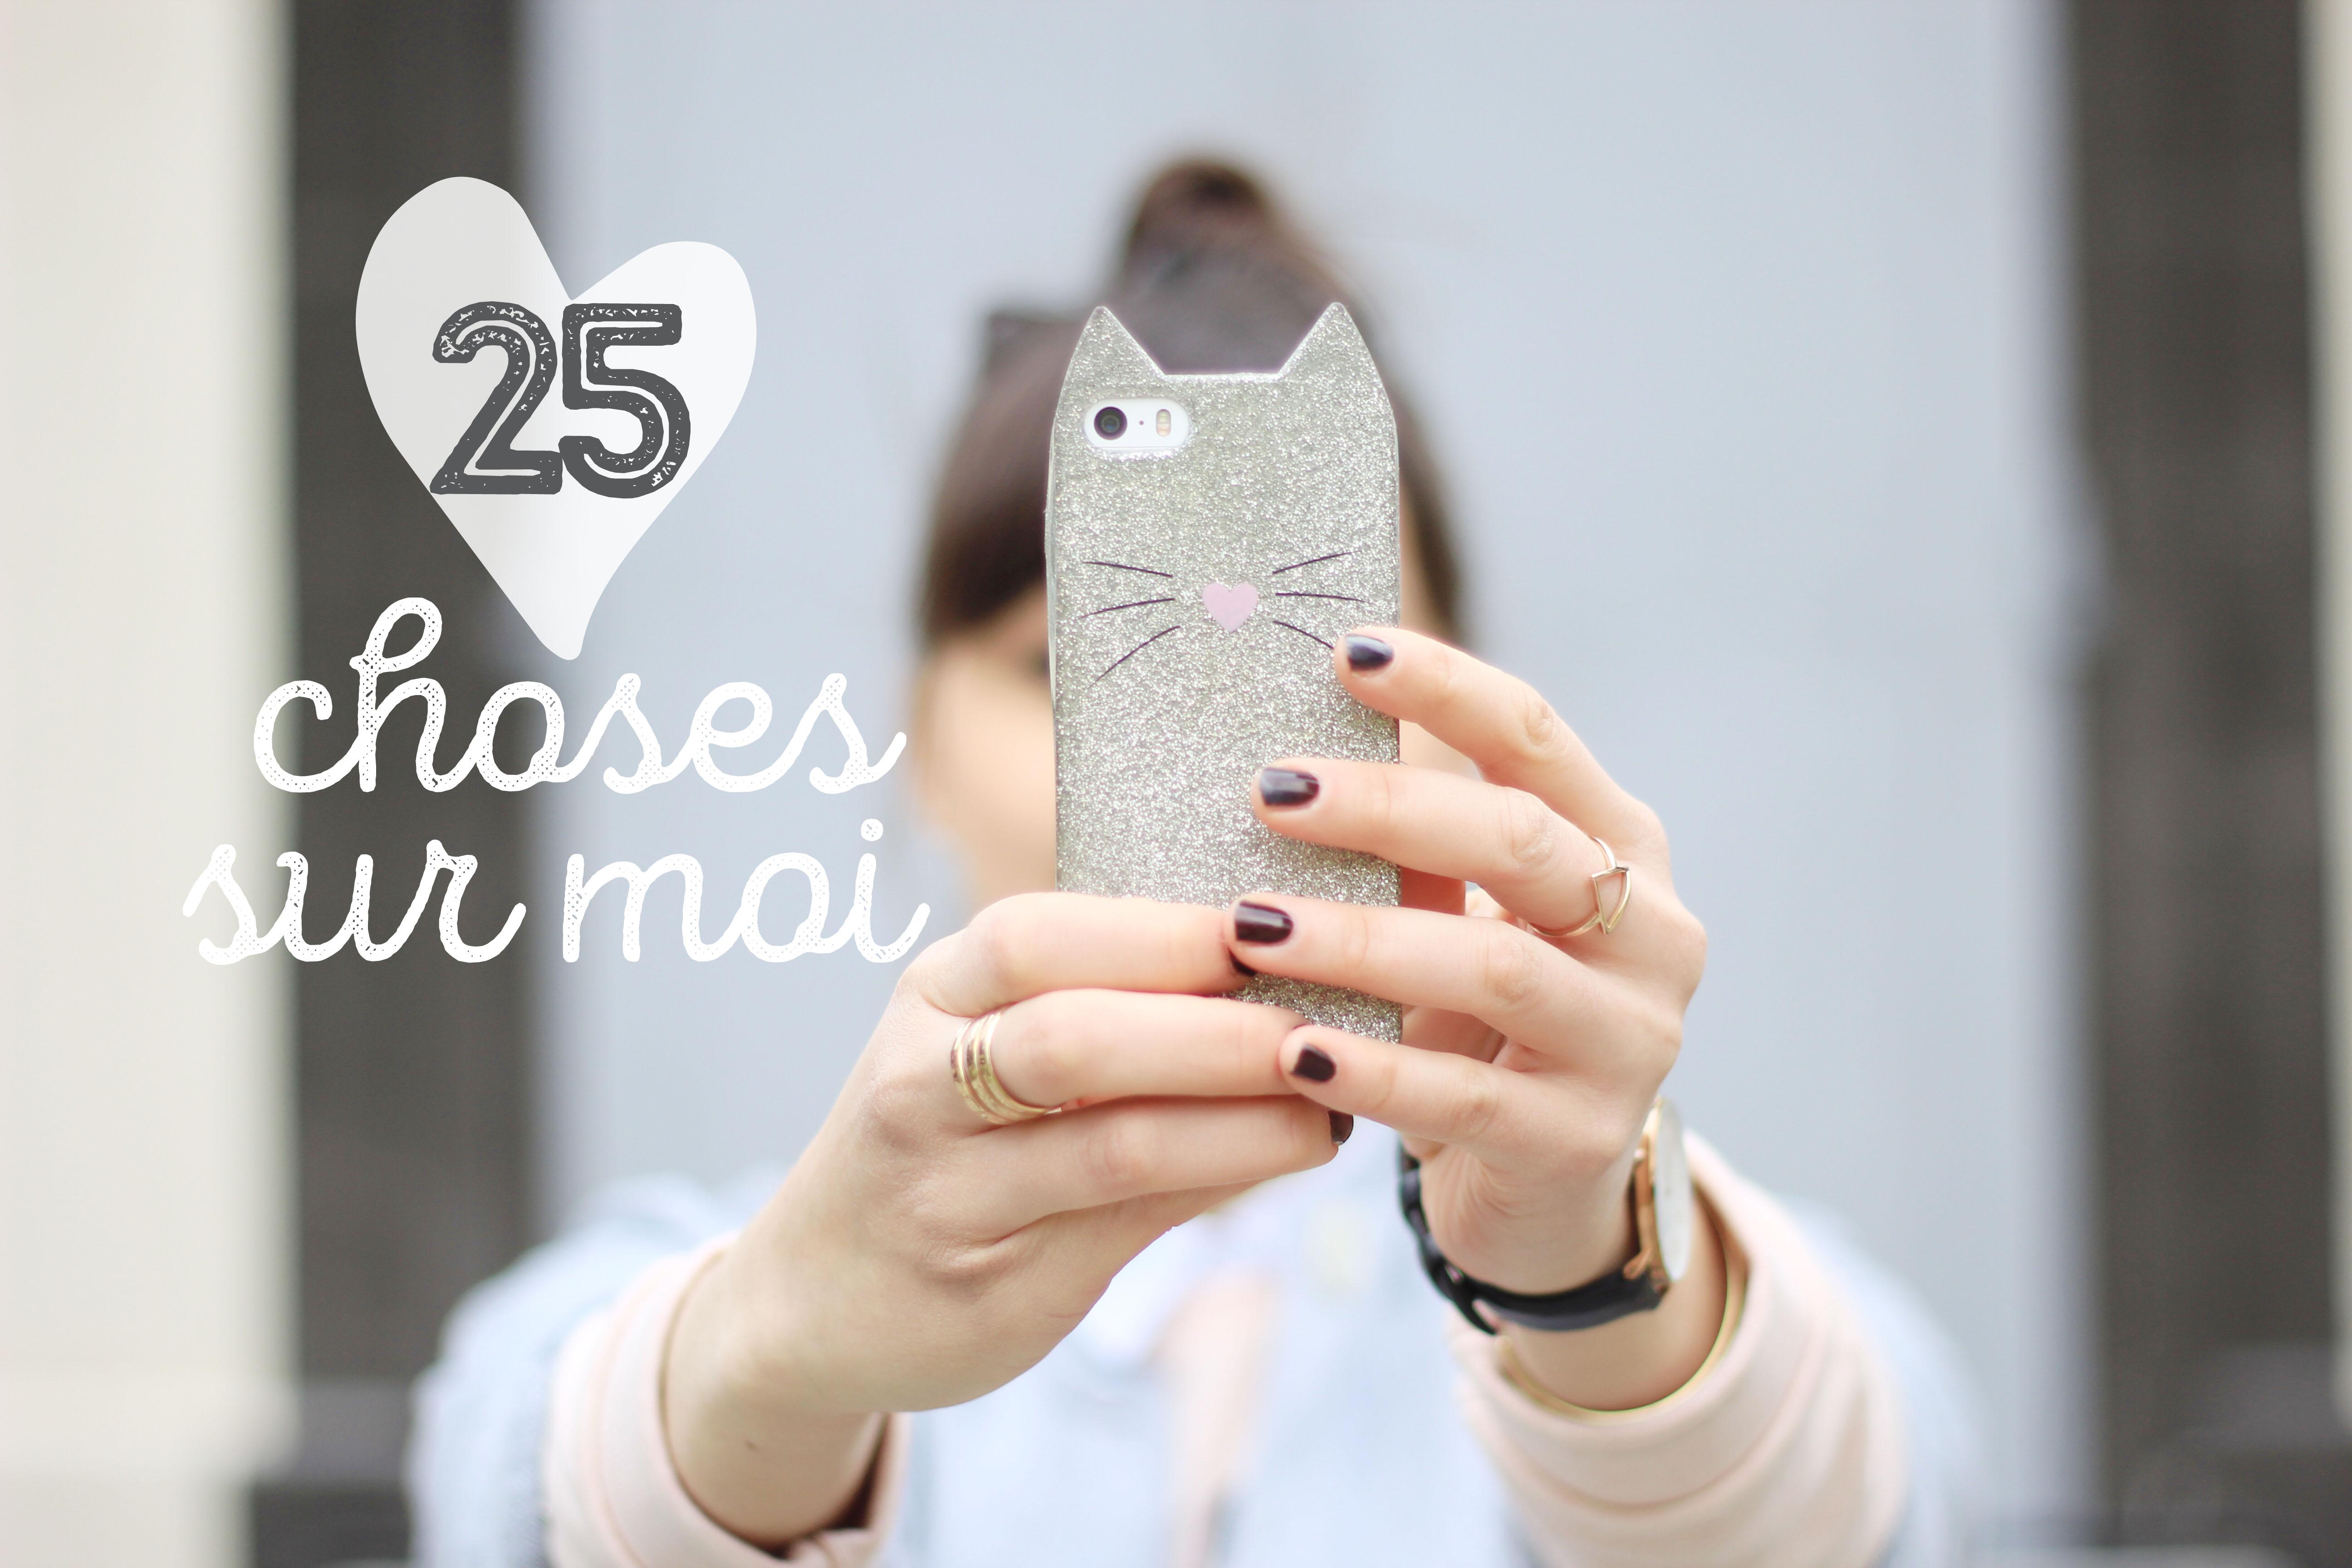 25-choses-sur-moi